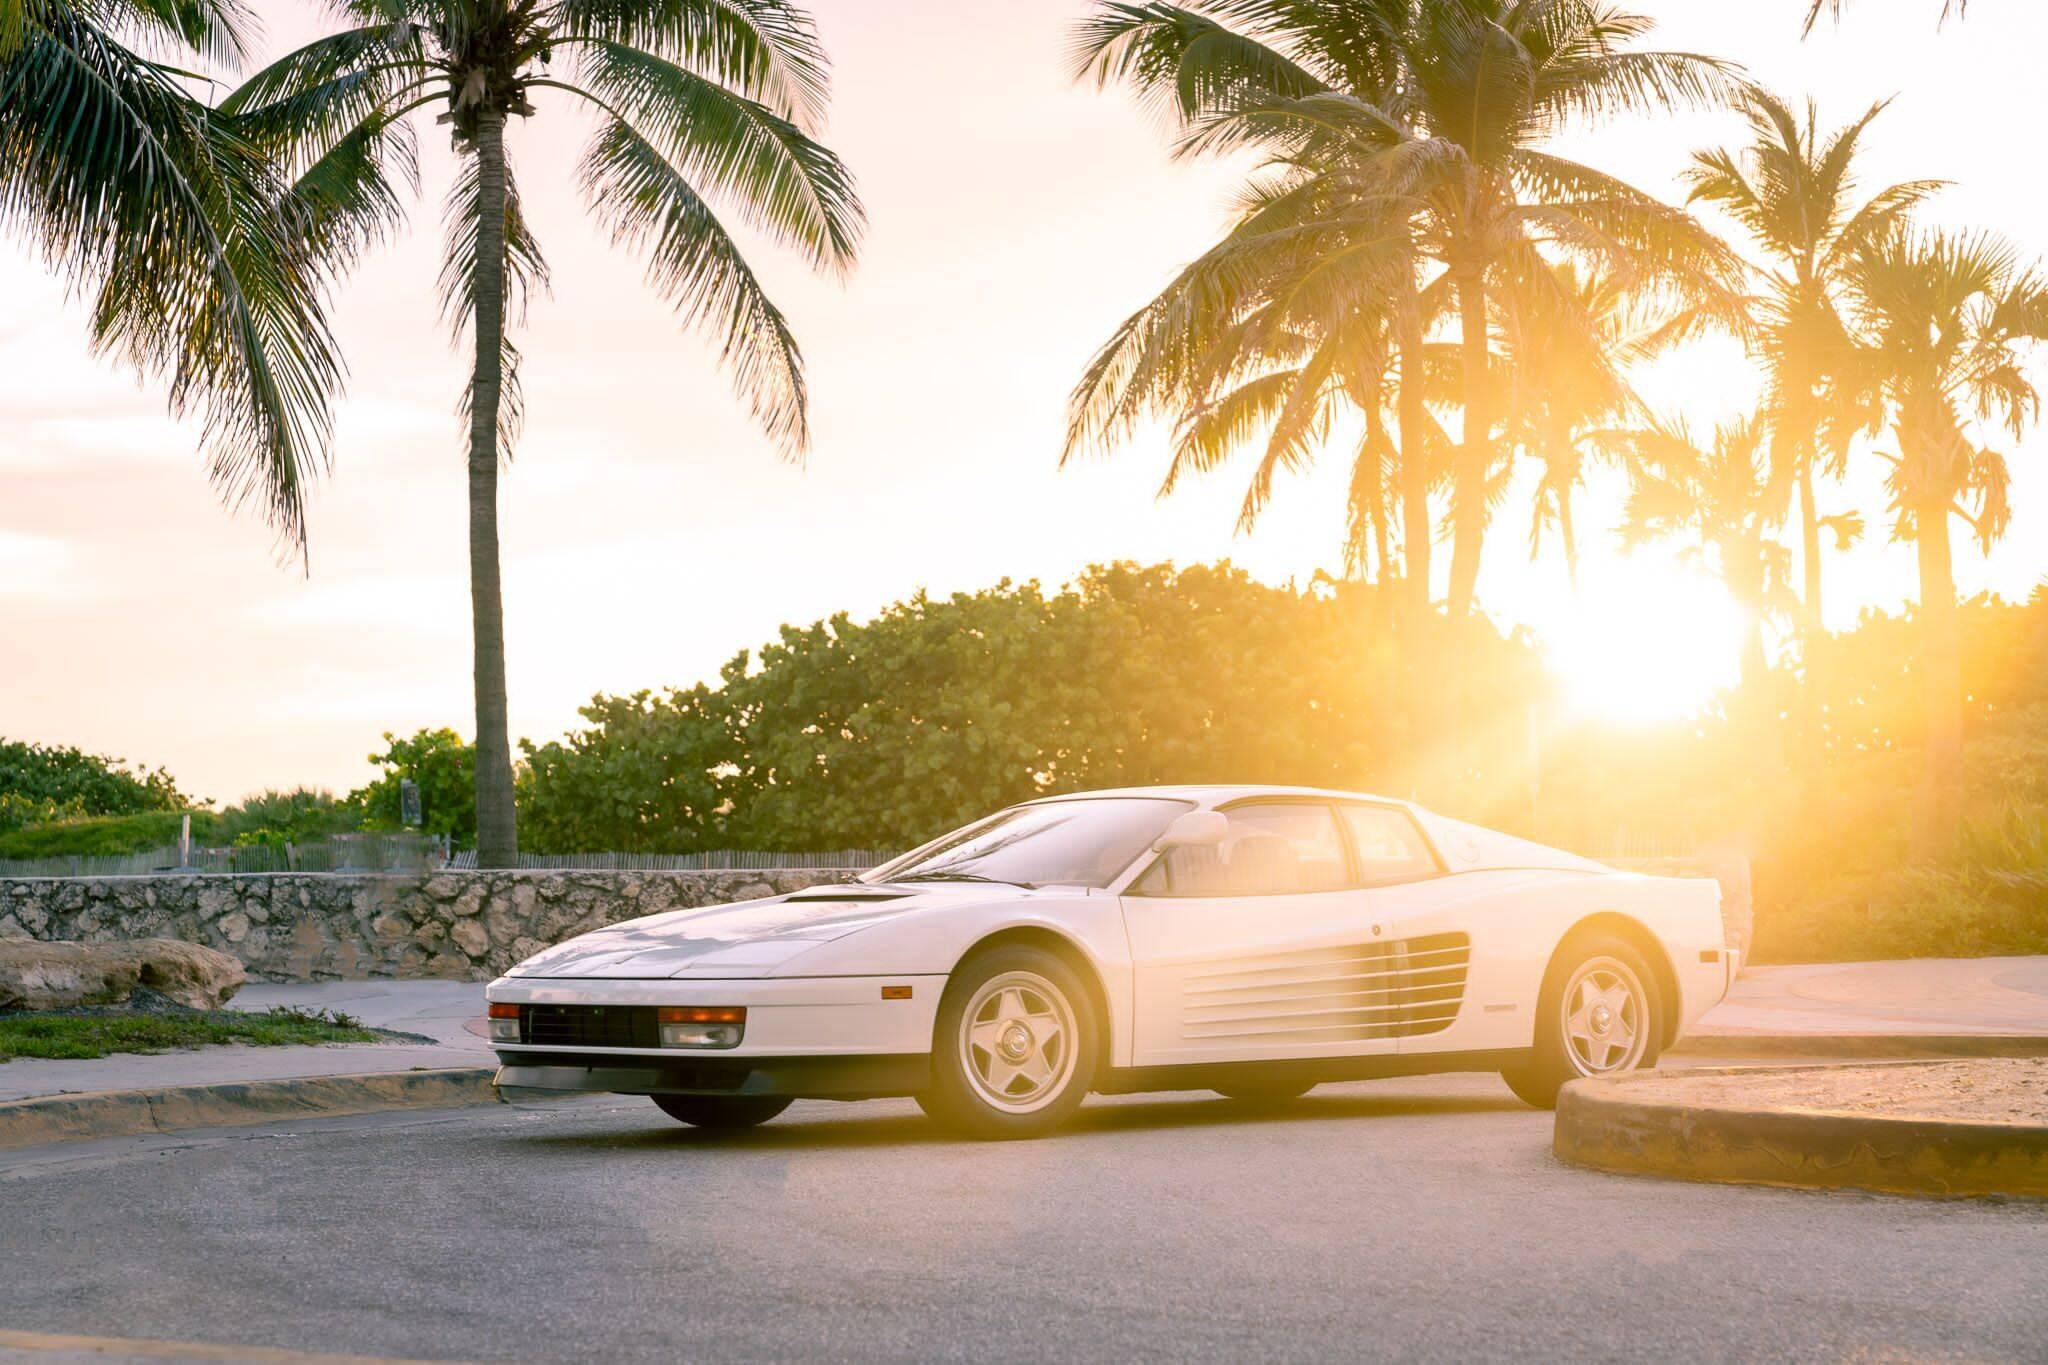 Ferrari Testarossa usada nas filmagens marca apenas 9.977 km no hodômetro.. Foto: Divulgação